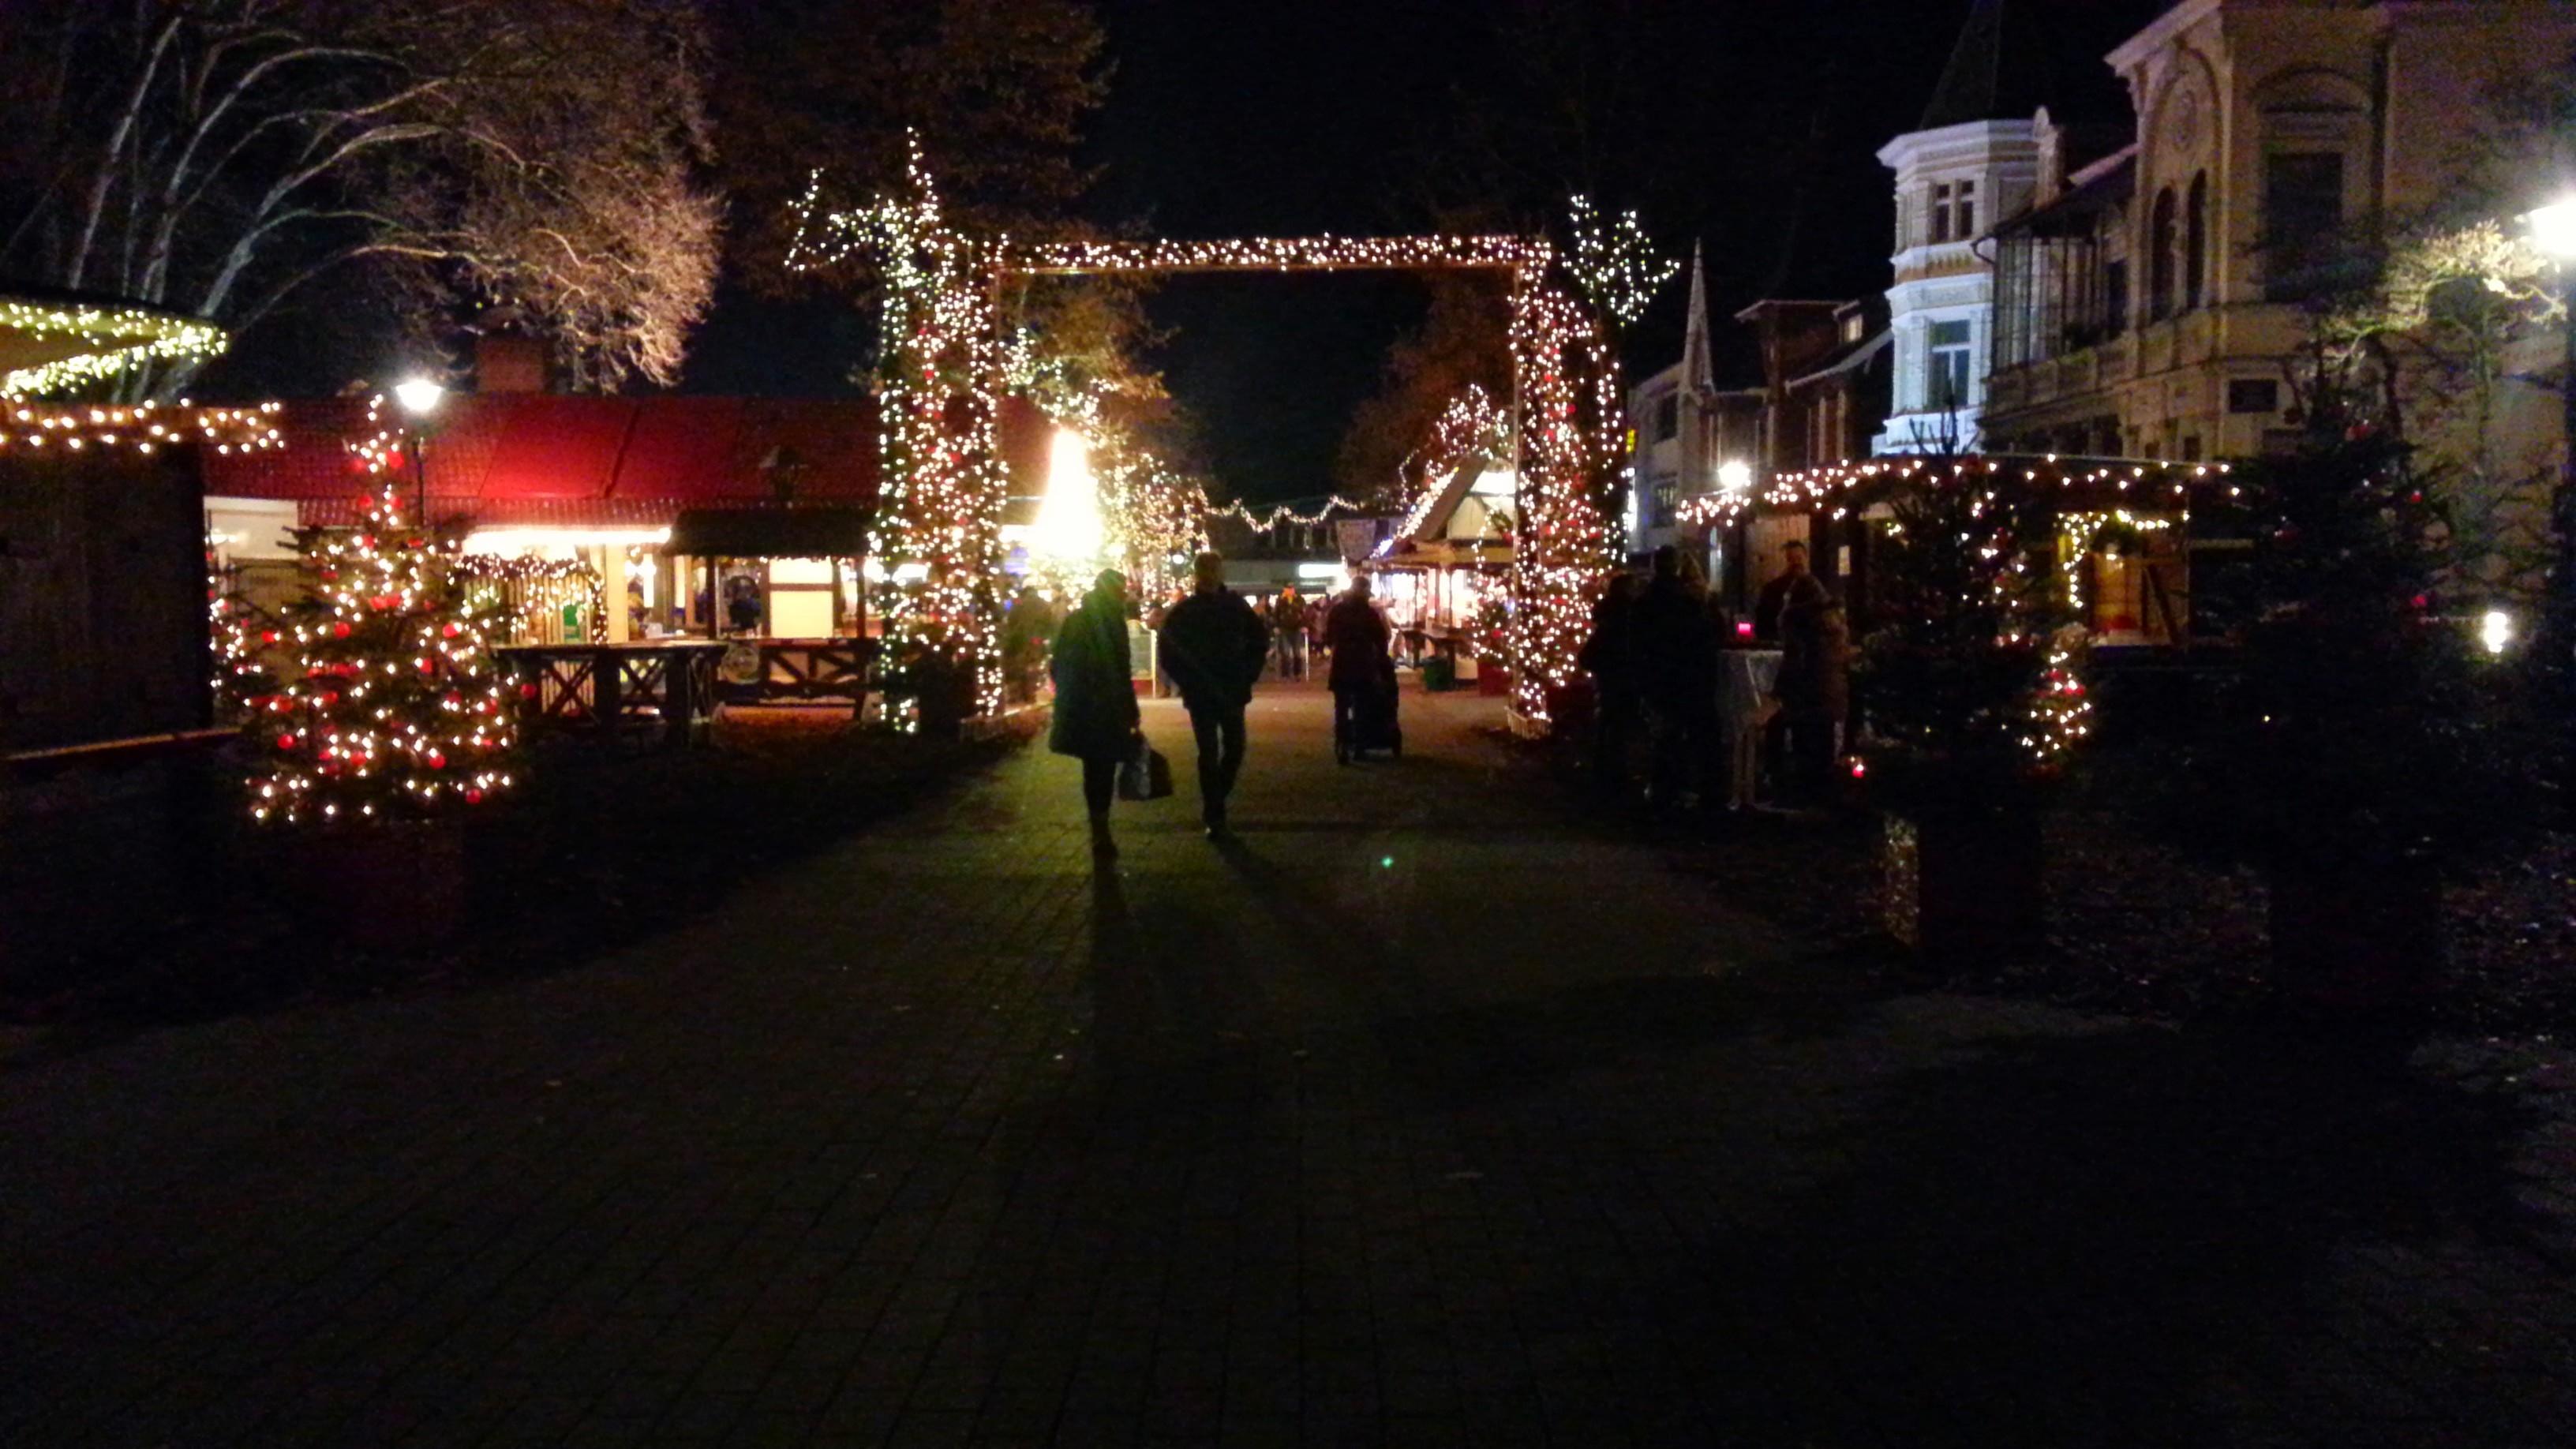 Bad Oeynhausen Weihnachtsmarkt.Datei Weihnachtsmarkt Bad Oeynhausen 2014 Jpg Wikipedia